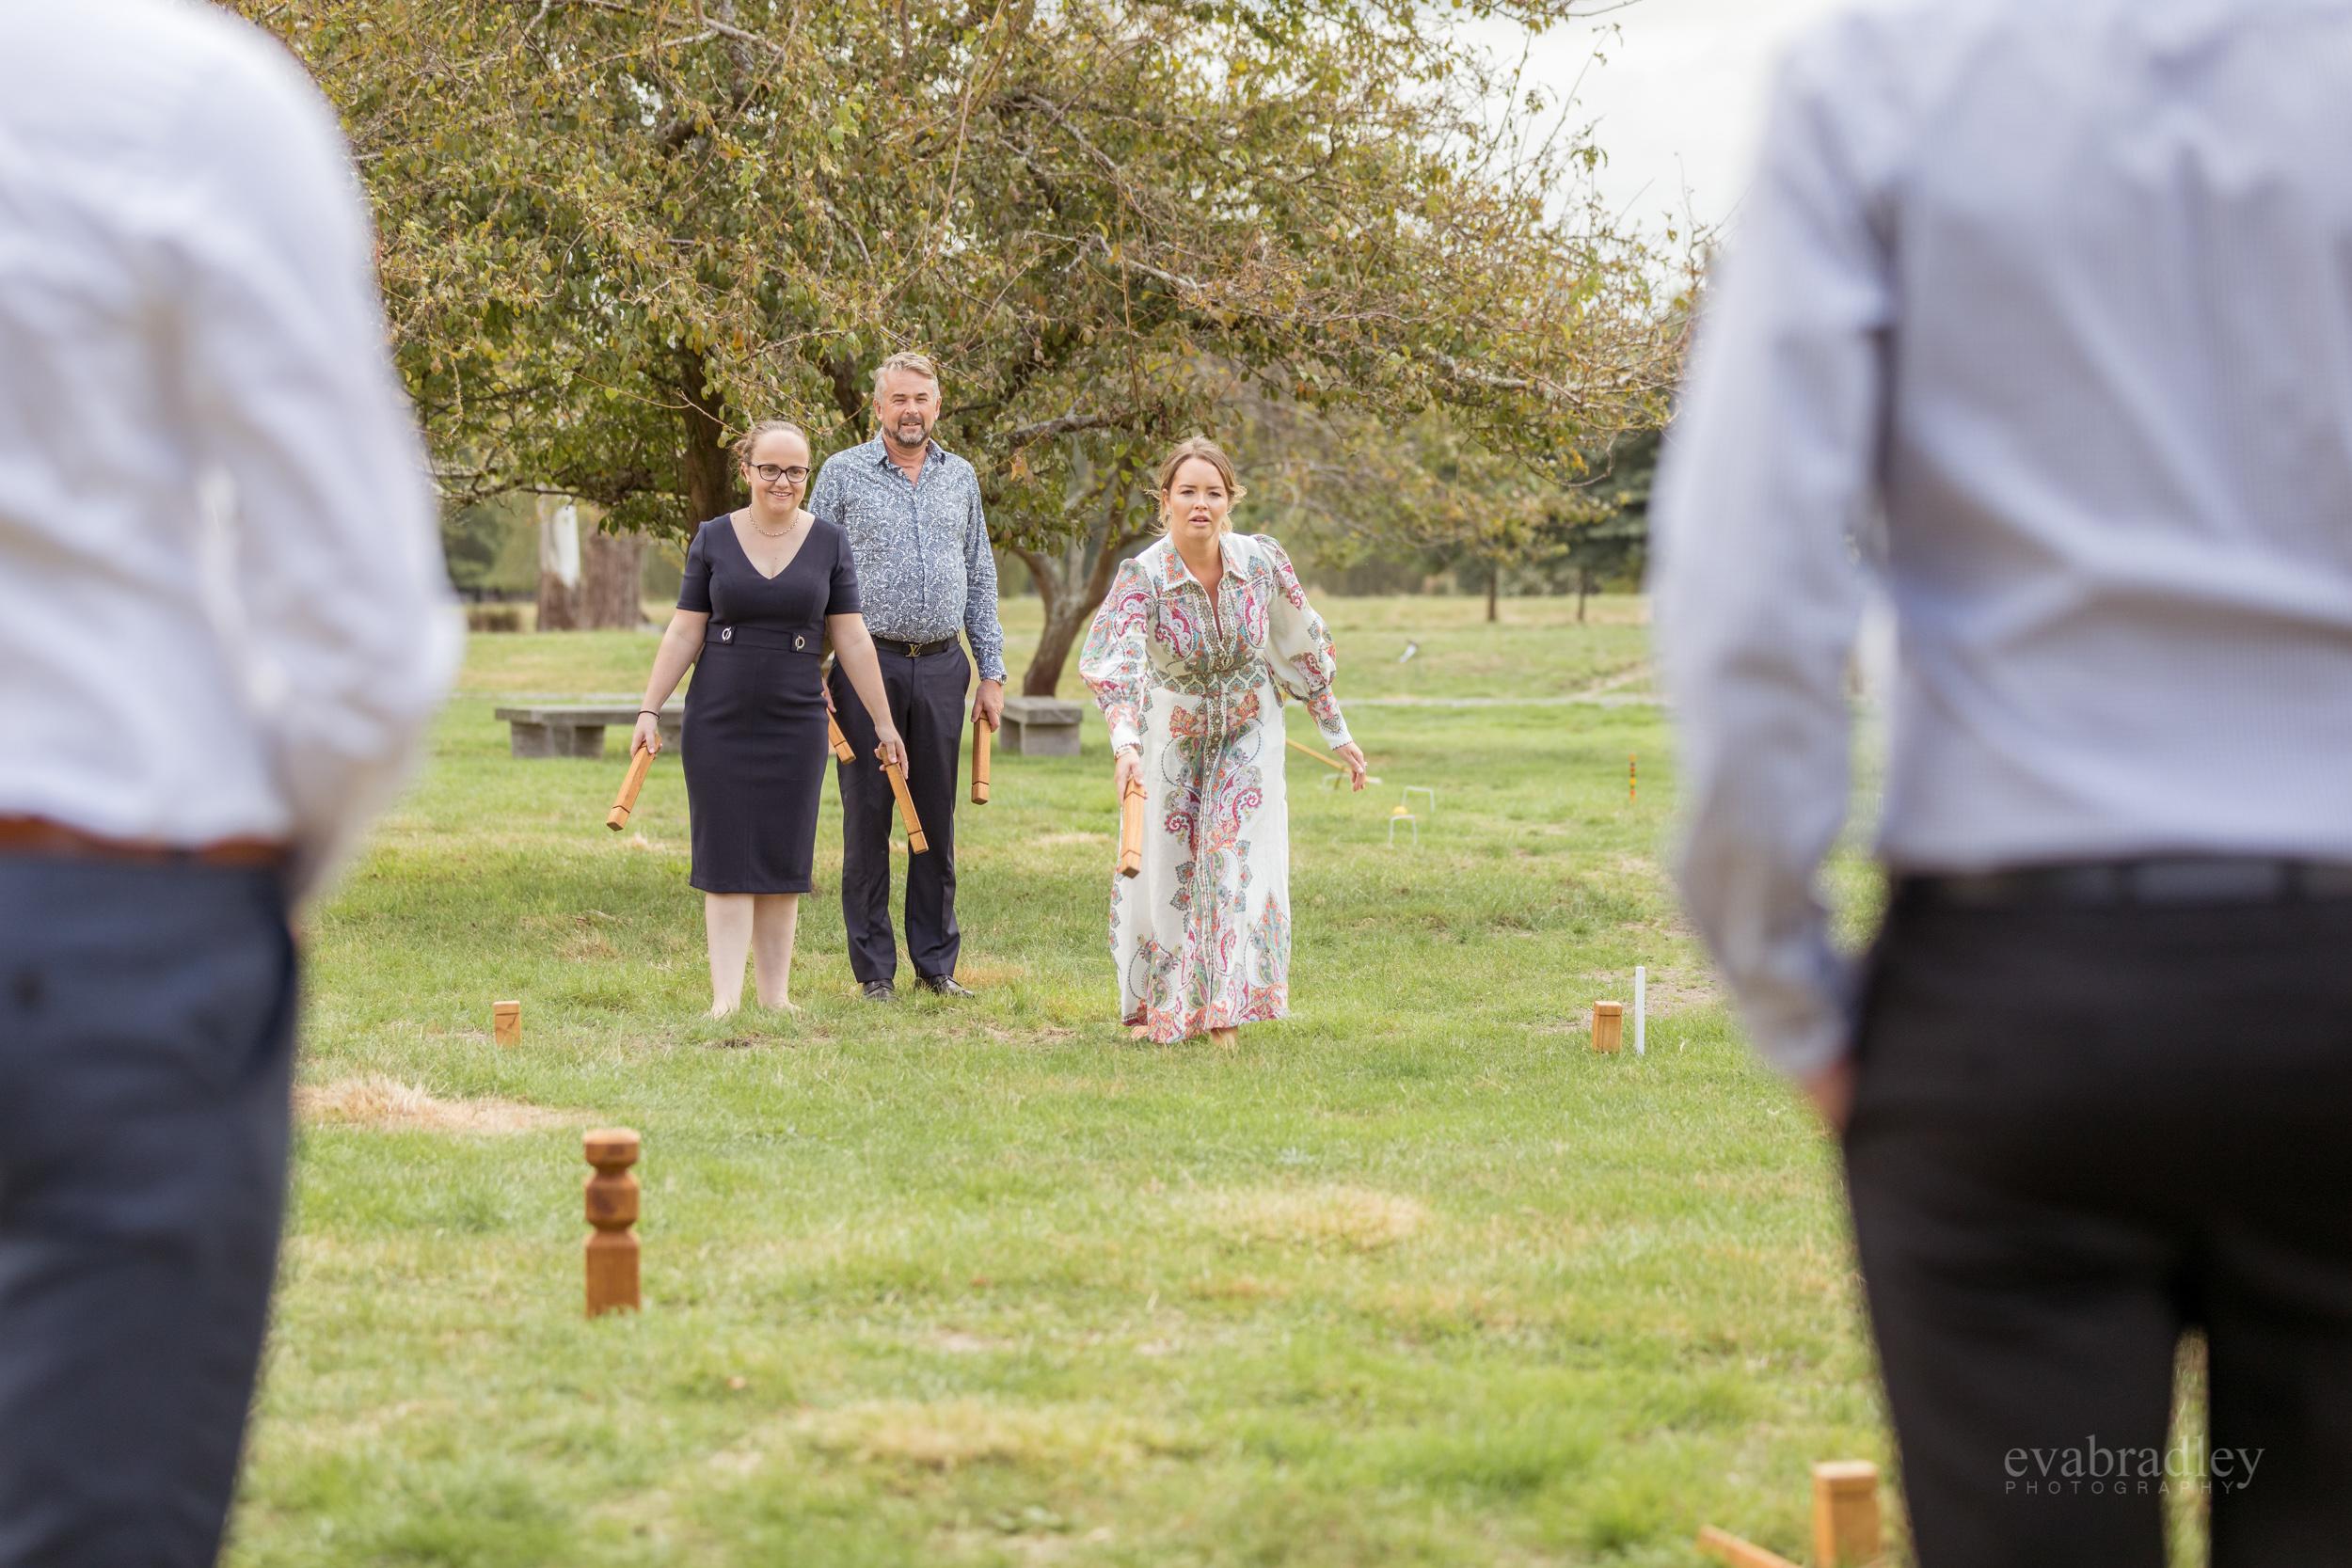 wedding-lawn-games-nz